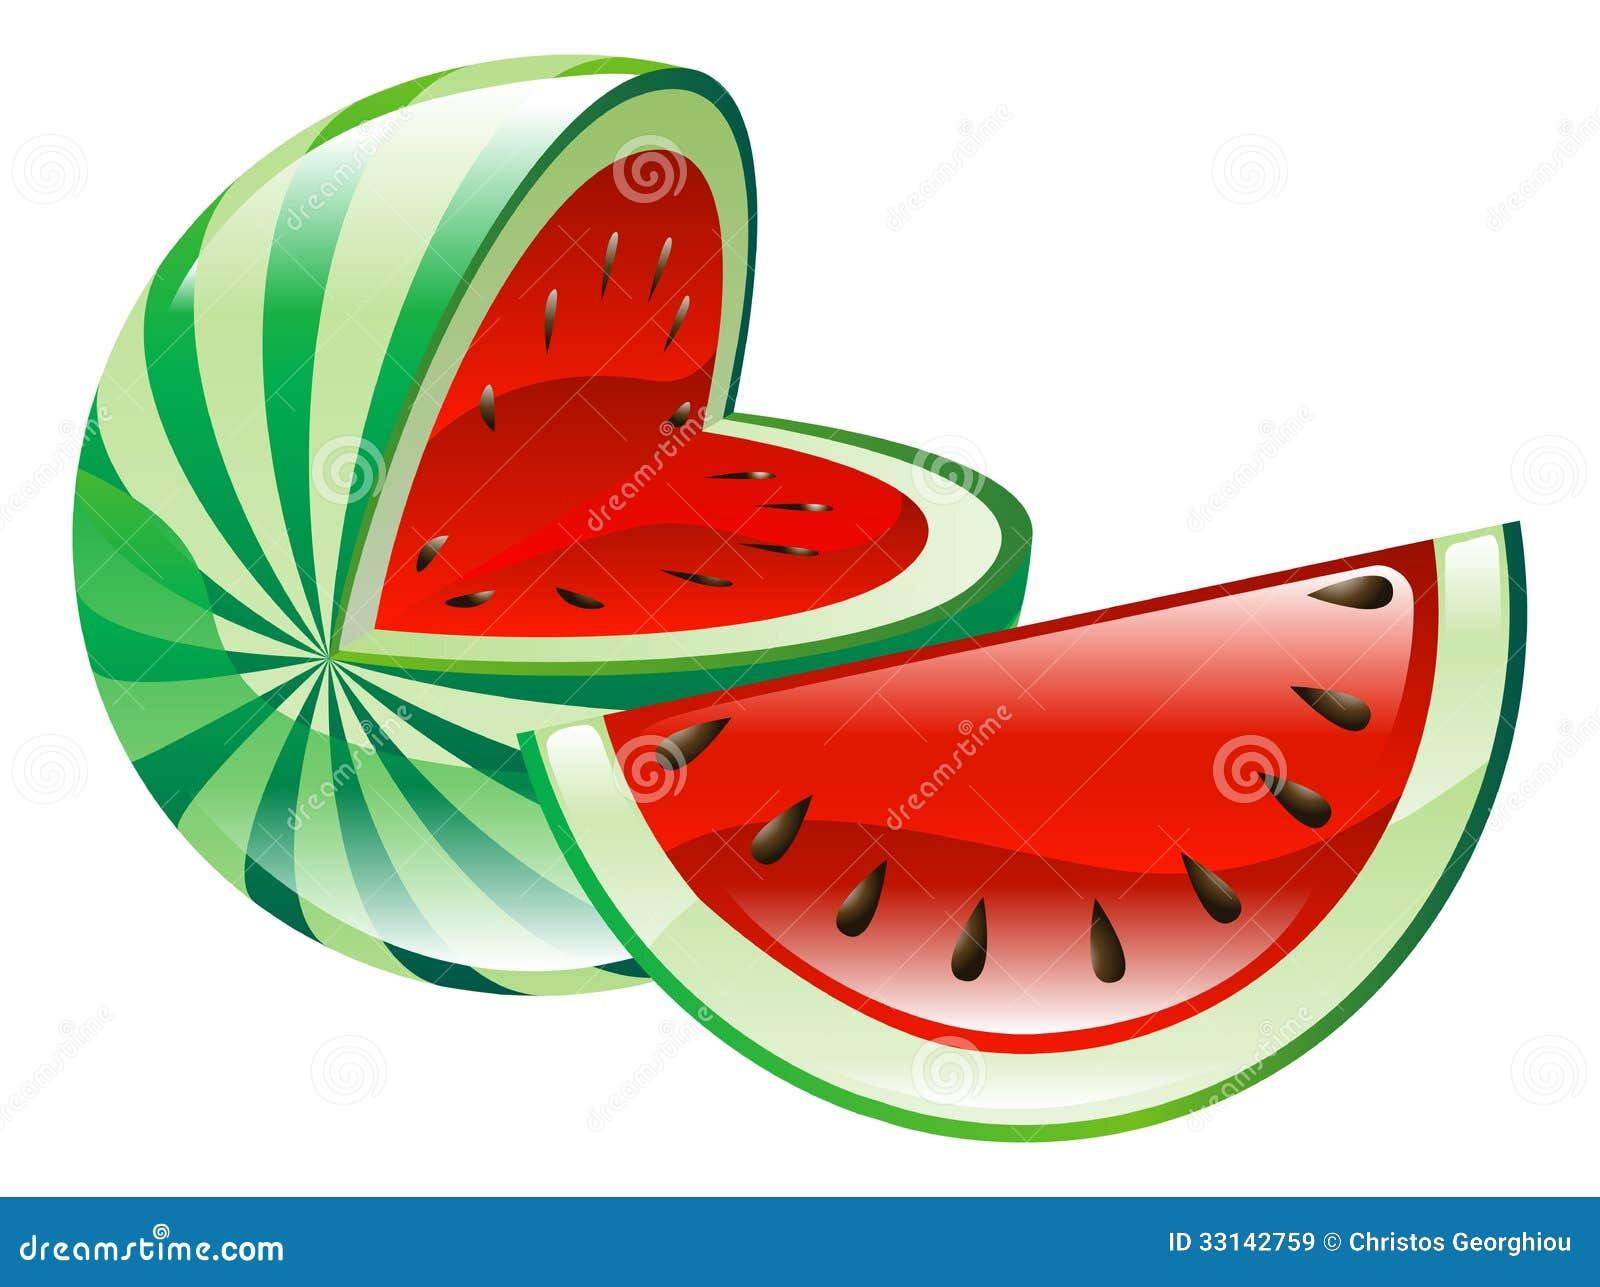 Illustrazione del clipart dell 39 icona della frutta dell for Clipart frutta